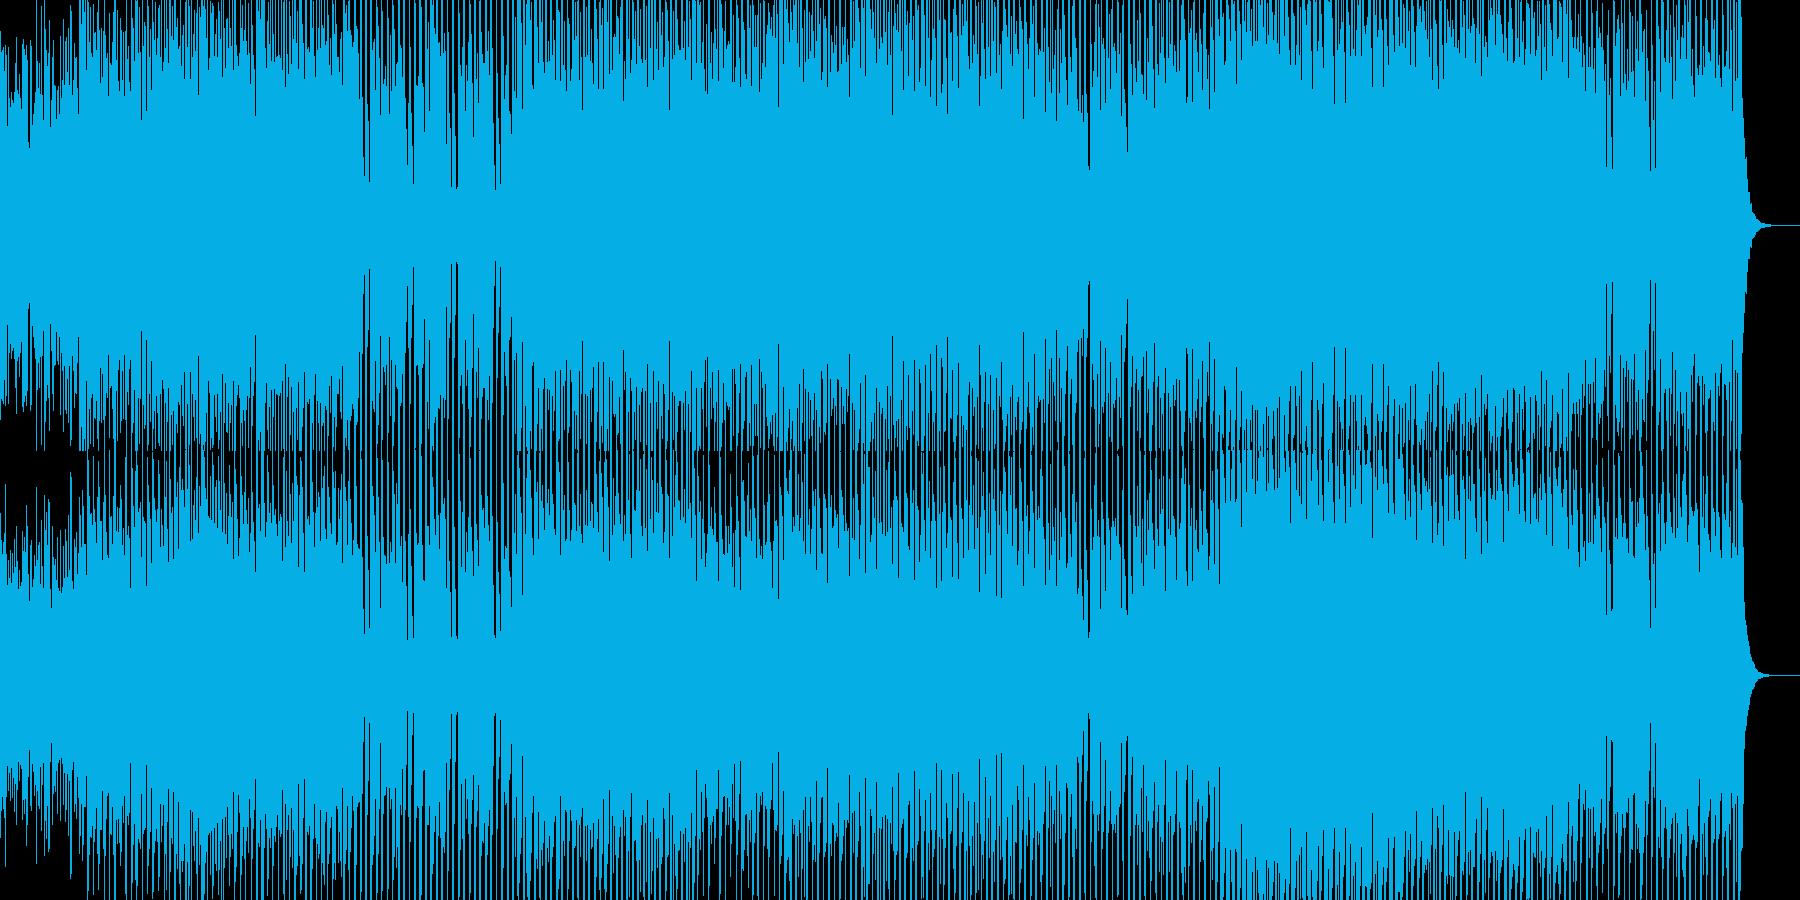 とにかく楽しくも緊迫感のある感じのイメ…の再生済みの波形